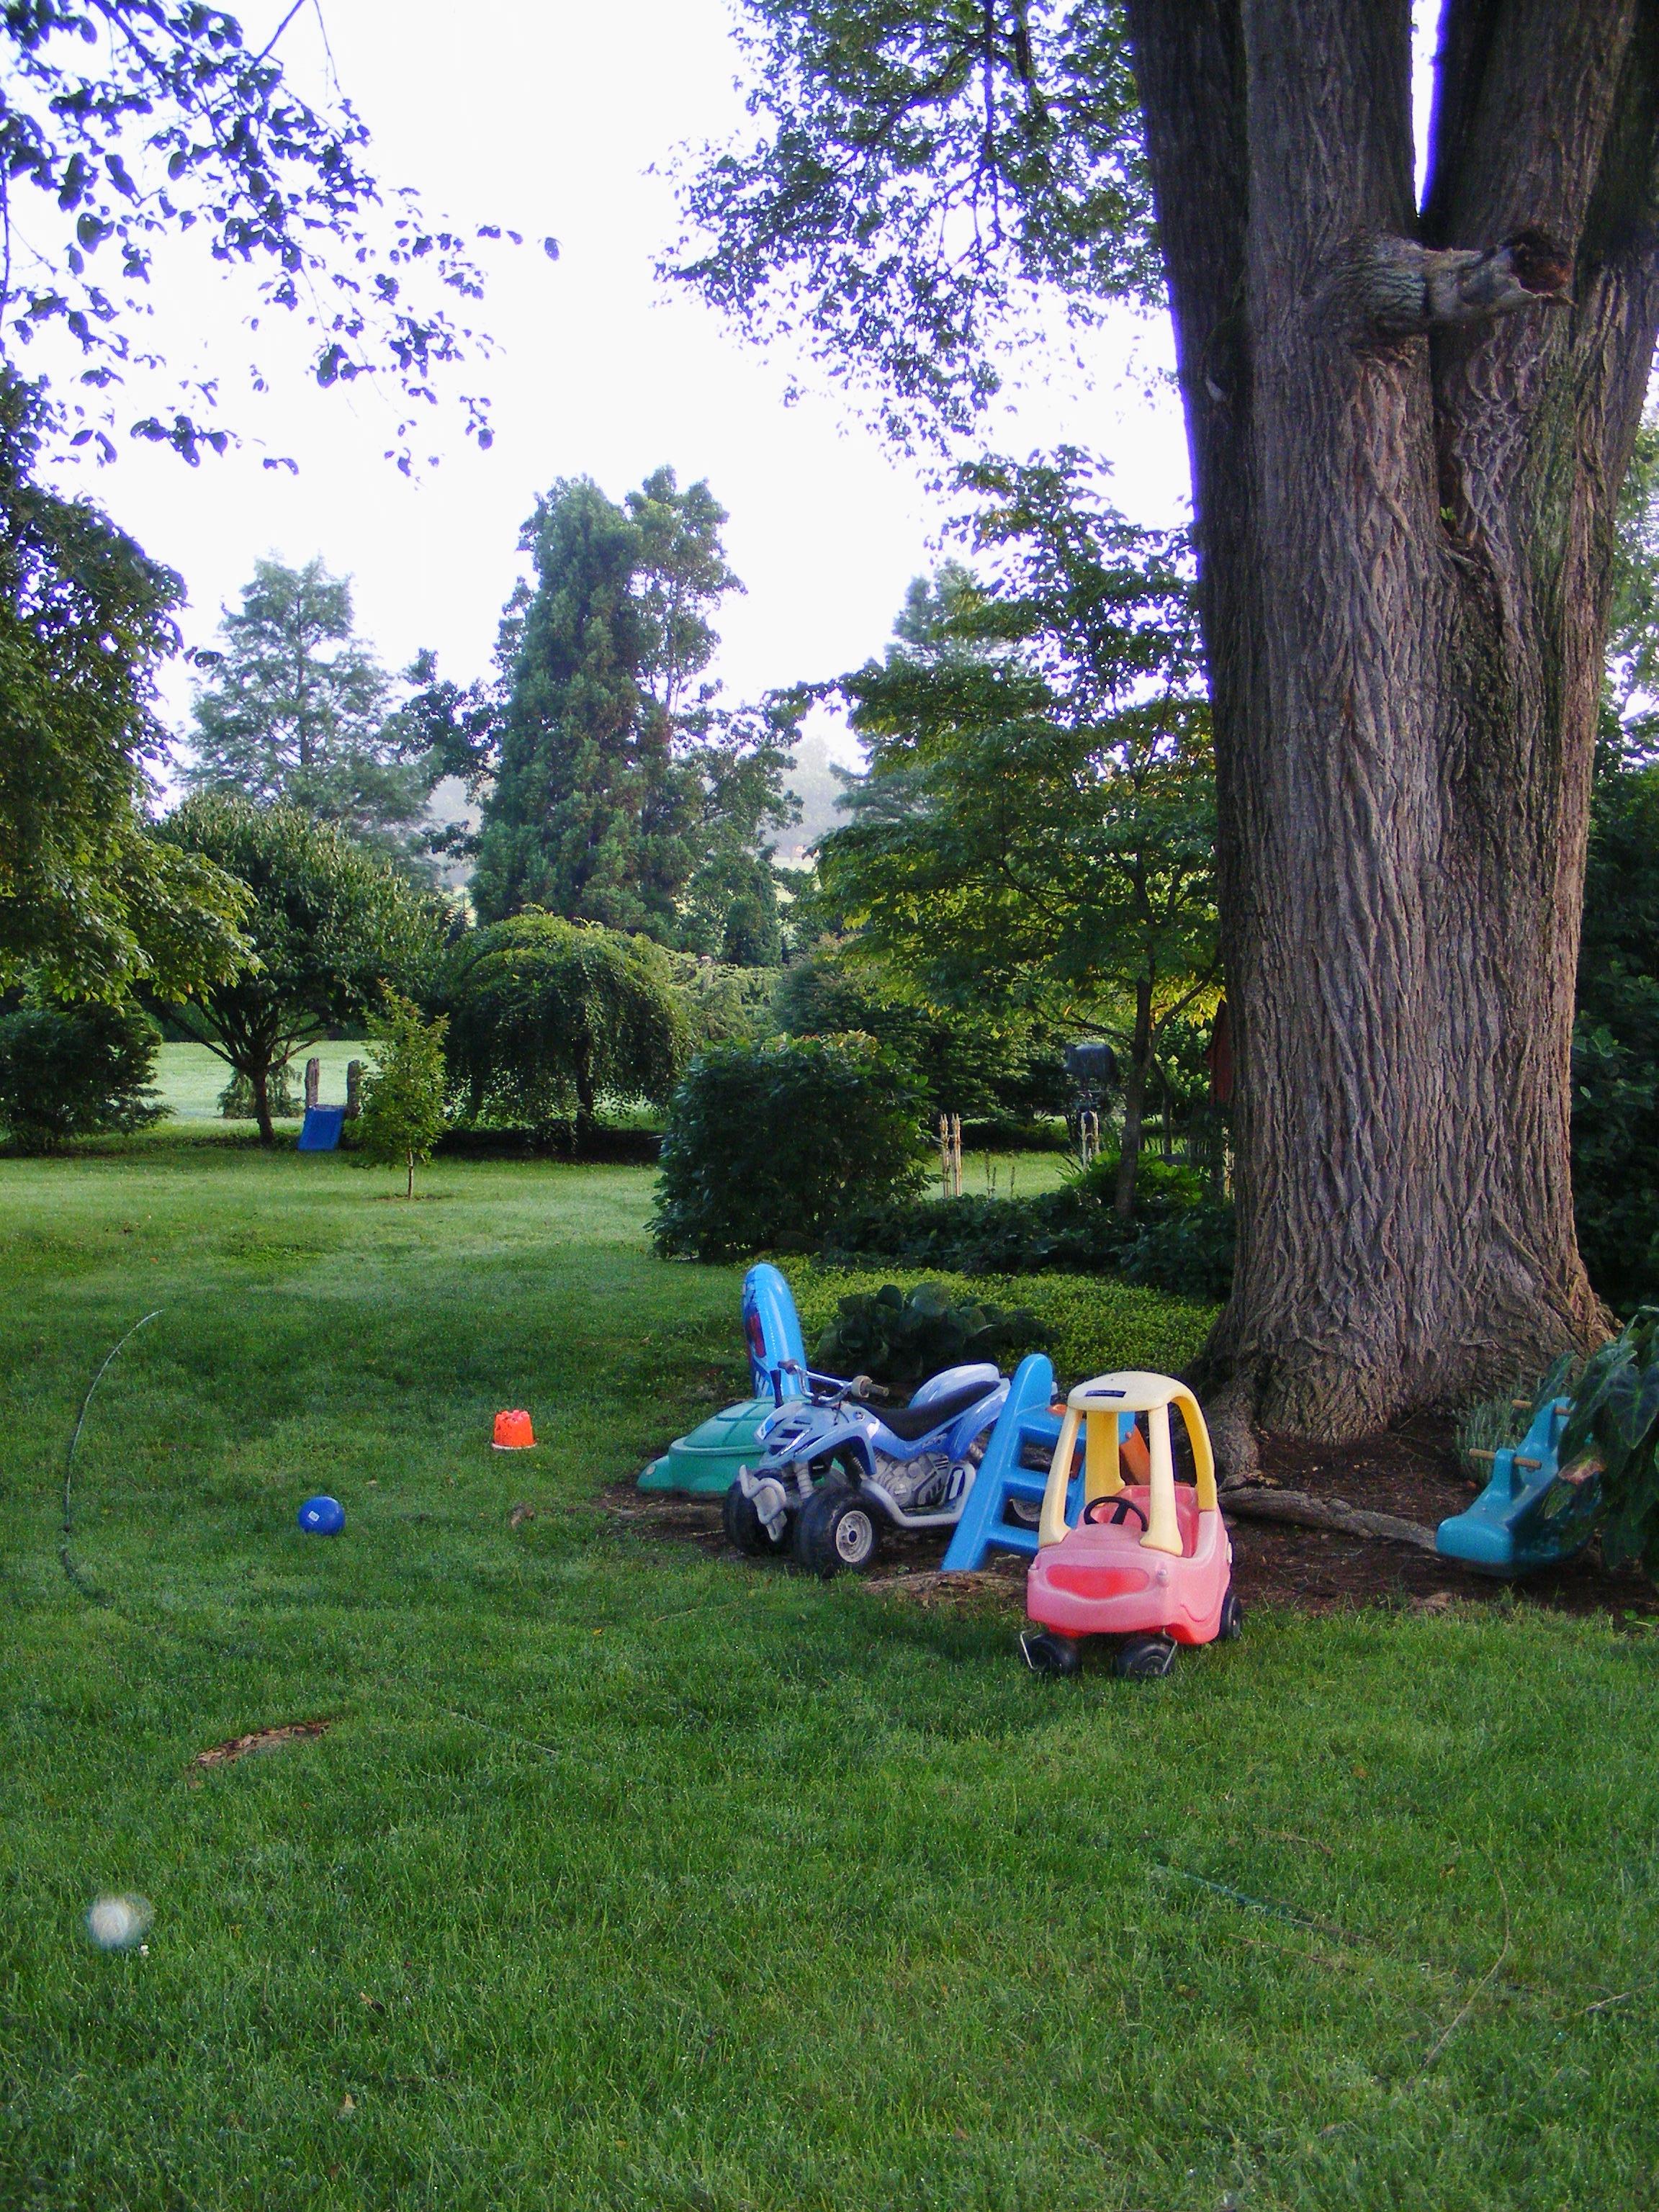 A 4-year-old boy's garden